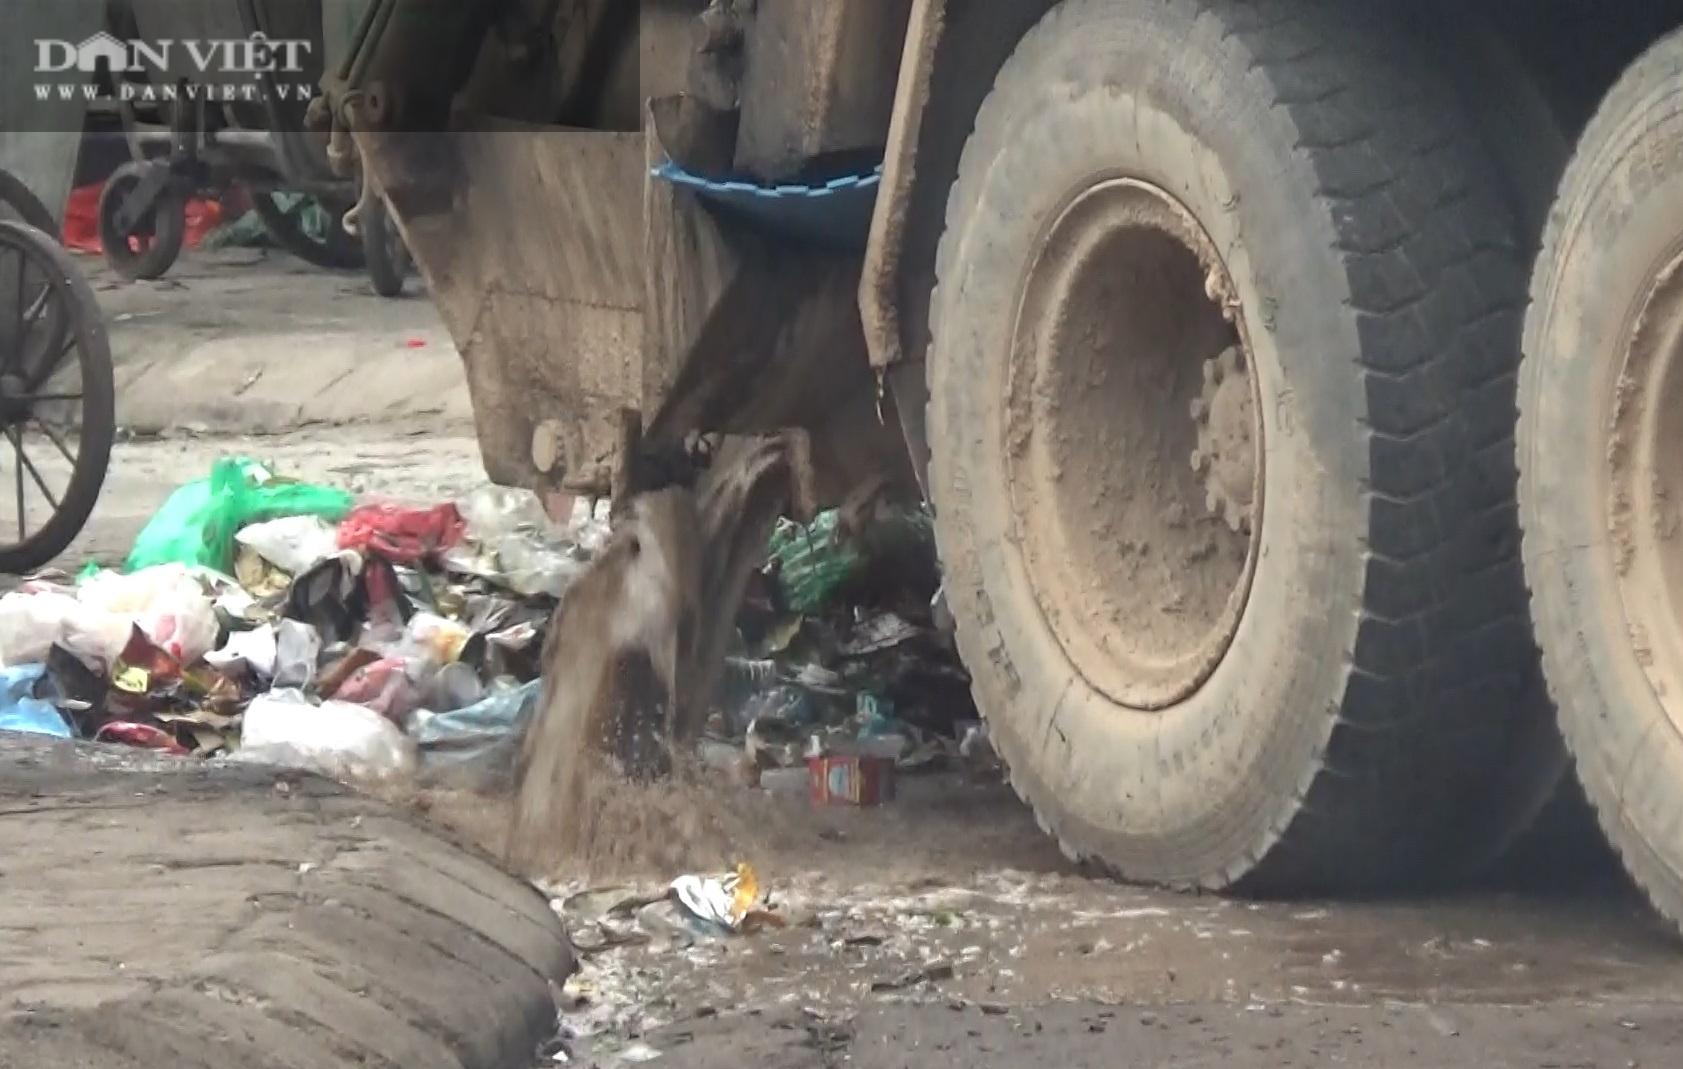 Bài 2: Tràn lan hình ảnh gây ô nhiễm của các công ty bảo vệ môi trường giữa thủ đô - Ảnh 3.